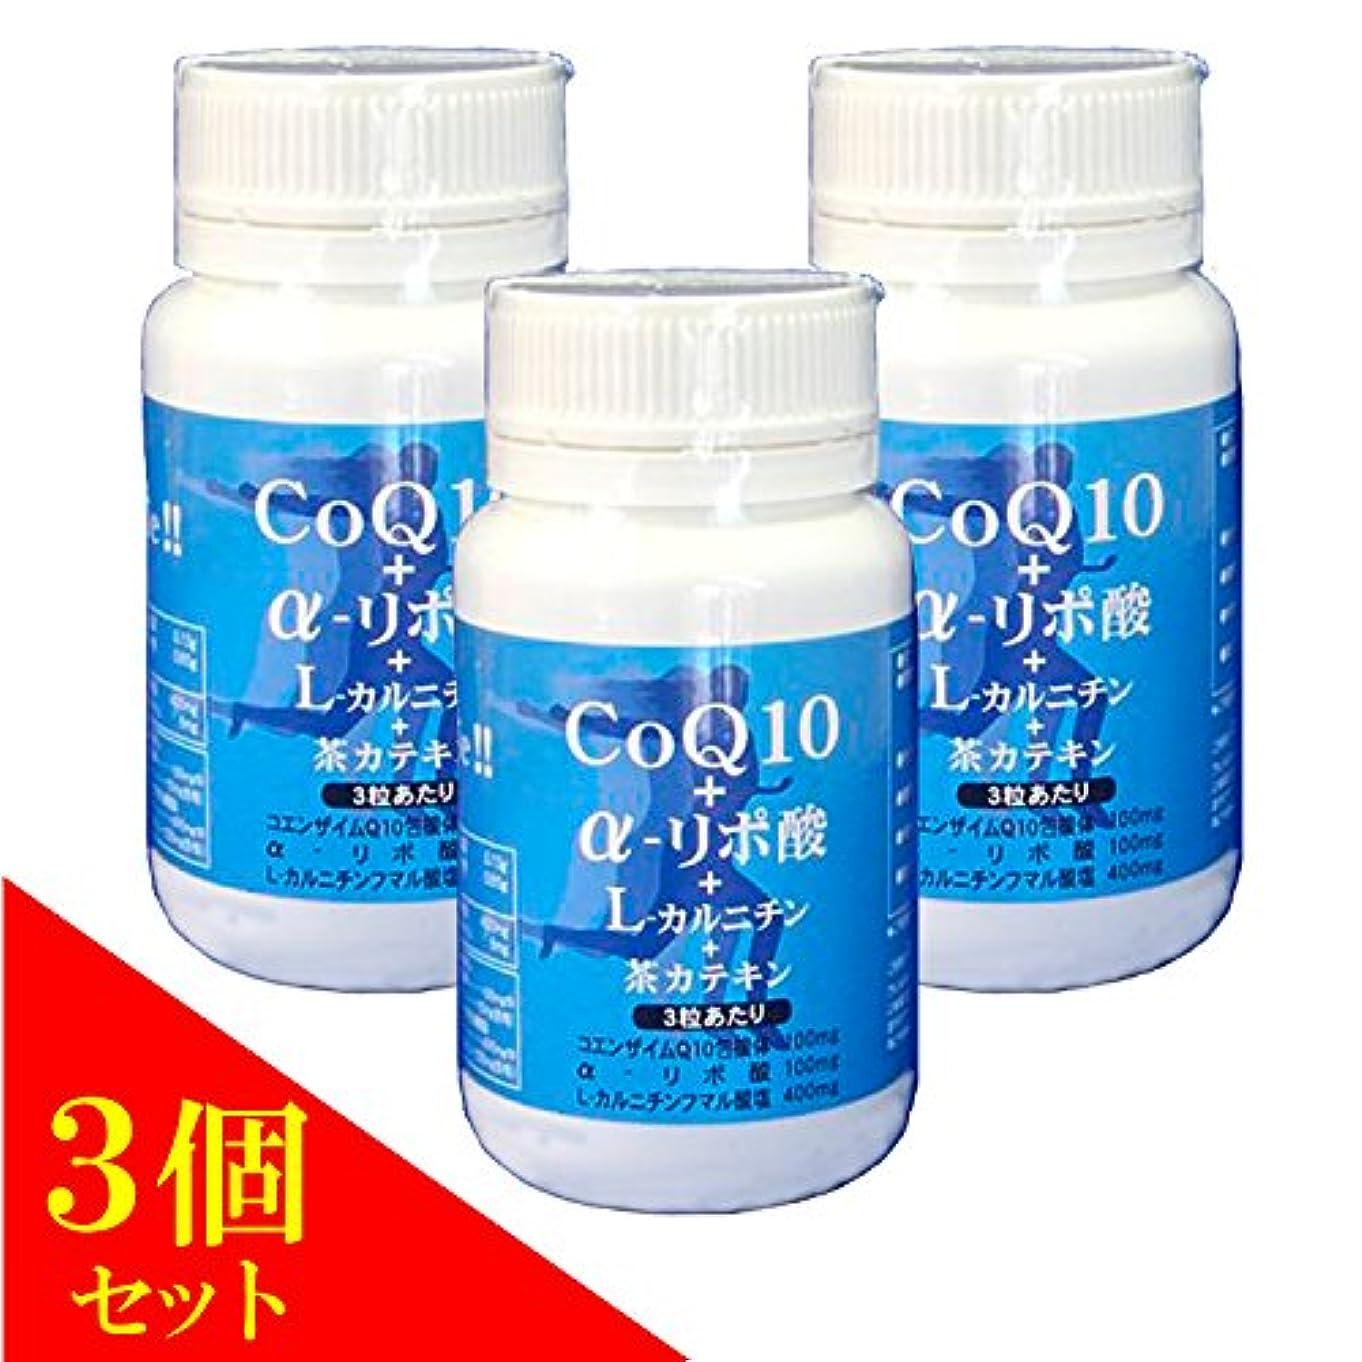 パットロール賠償(3個)マーキュリーCoQ10+αリポ酸+L-カルニチン+茶カテキン 90粒×3個セット(4947041260283